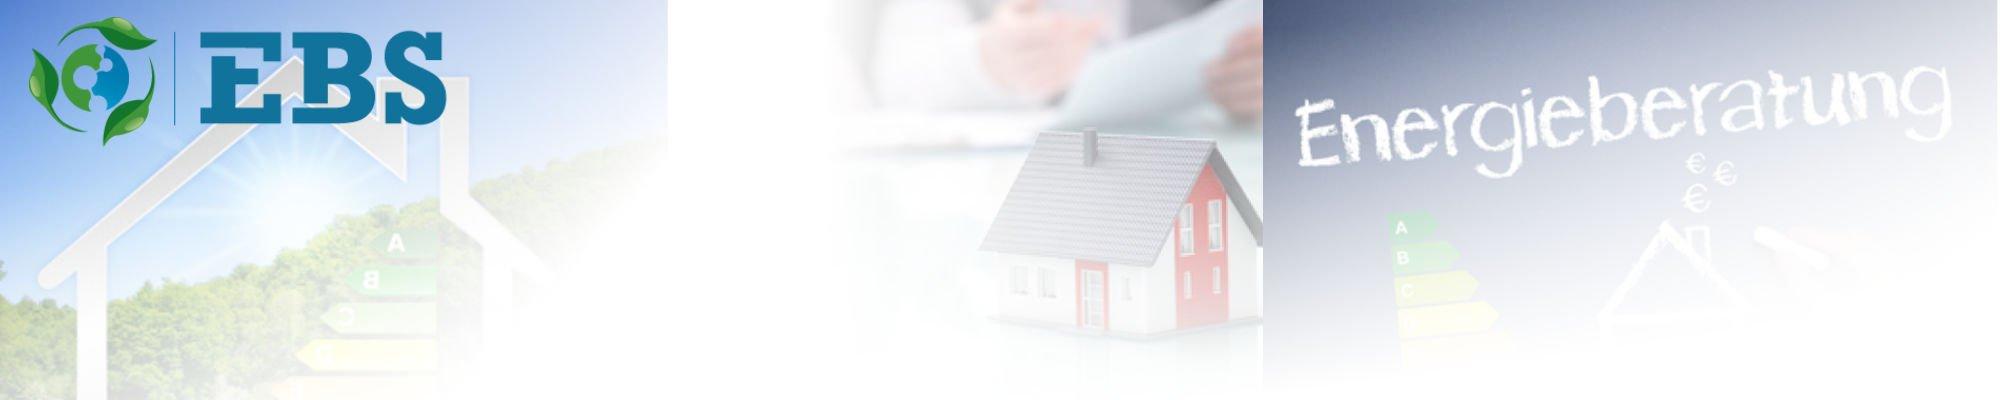 Energieberatung für Wohngeäude, Energieberater für denkmalgeschütze Wohngebäude